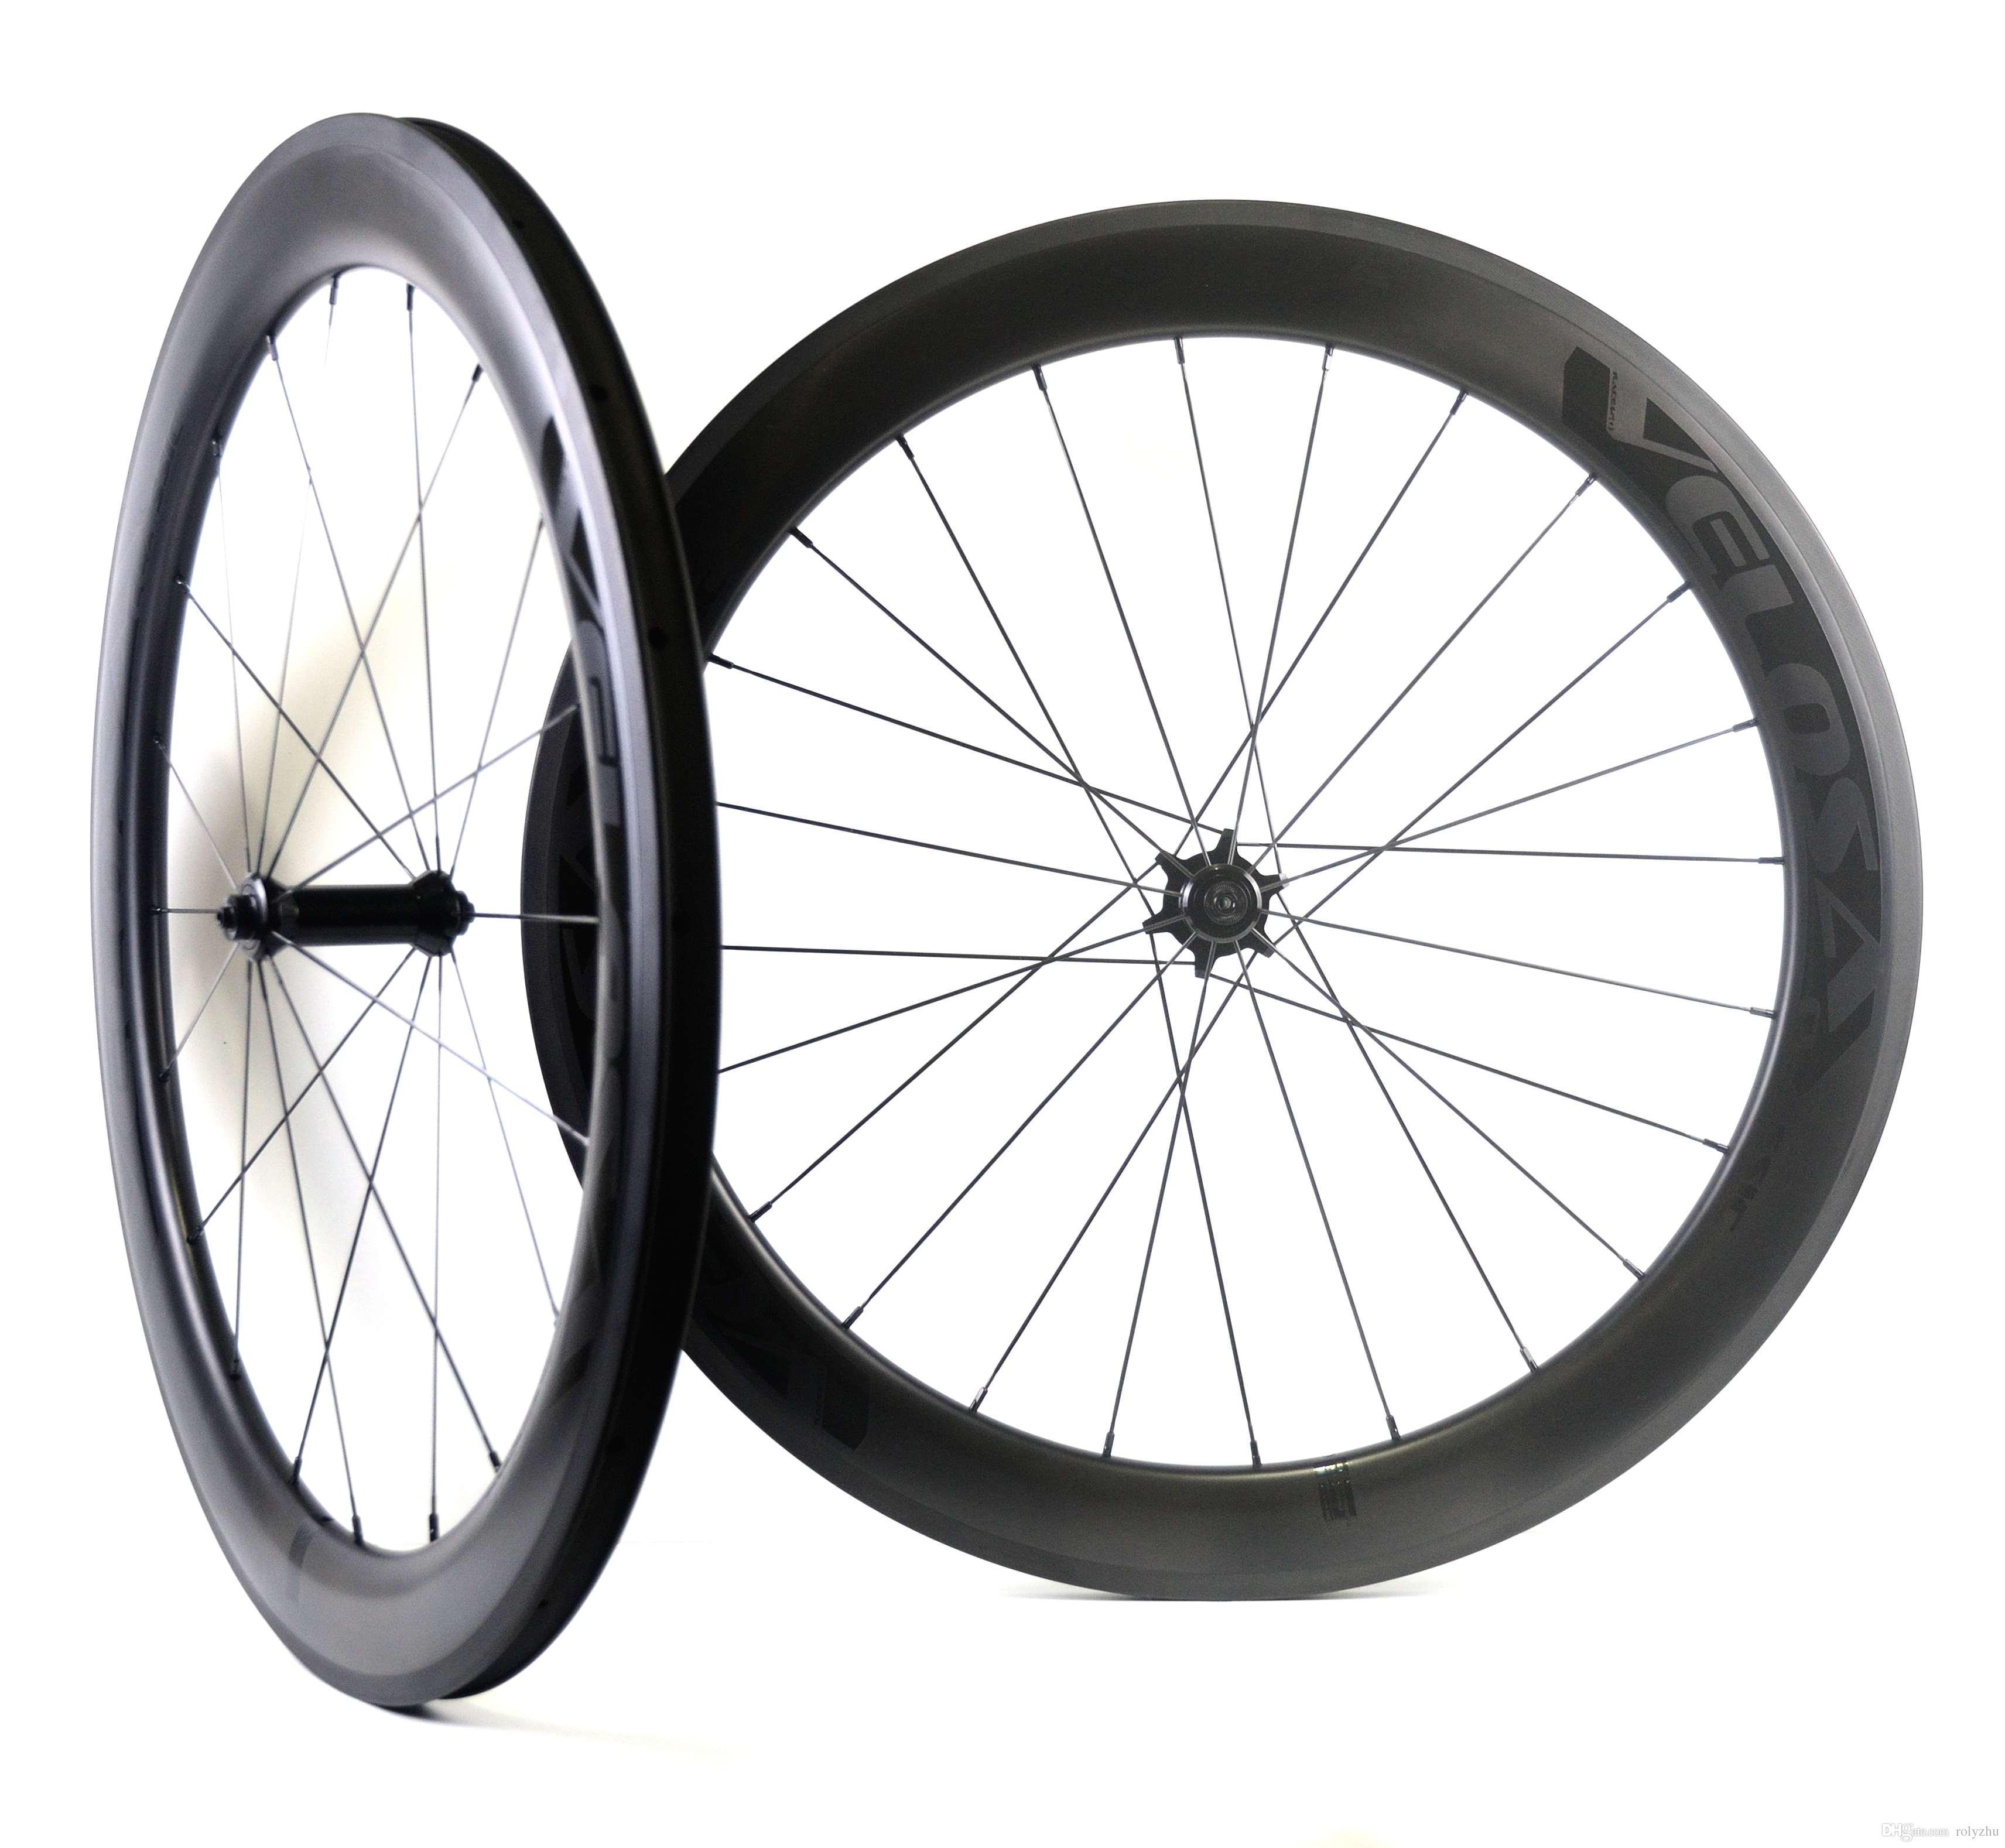 700C 60mm profondeur route carbone roues 25mm largeur tubulaire / pneu route vélo carbone roues UD finition mate velosa lumière décalque livraison gratuite